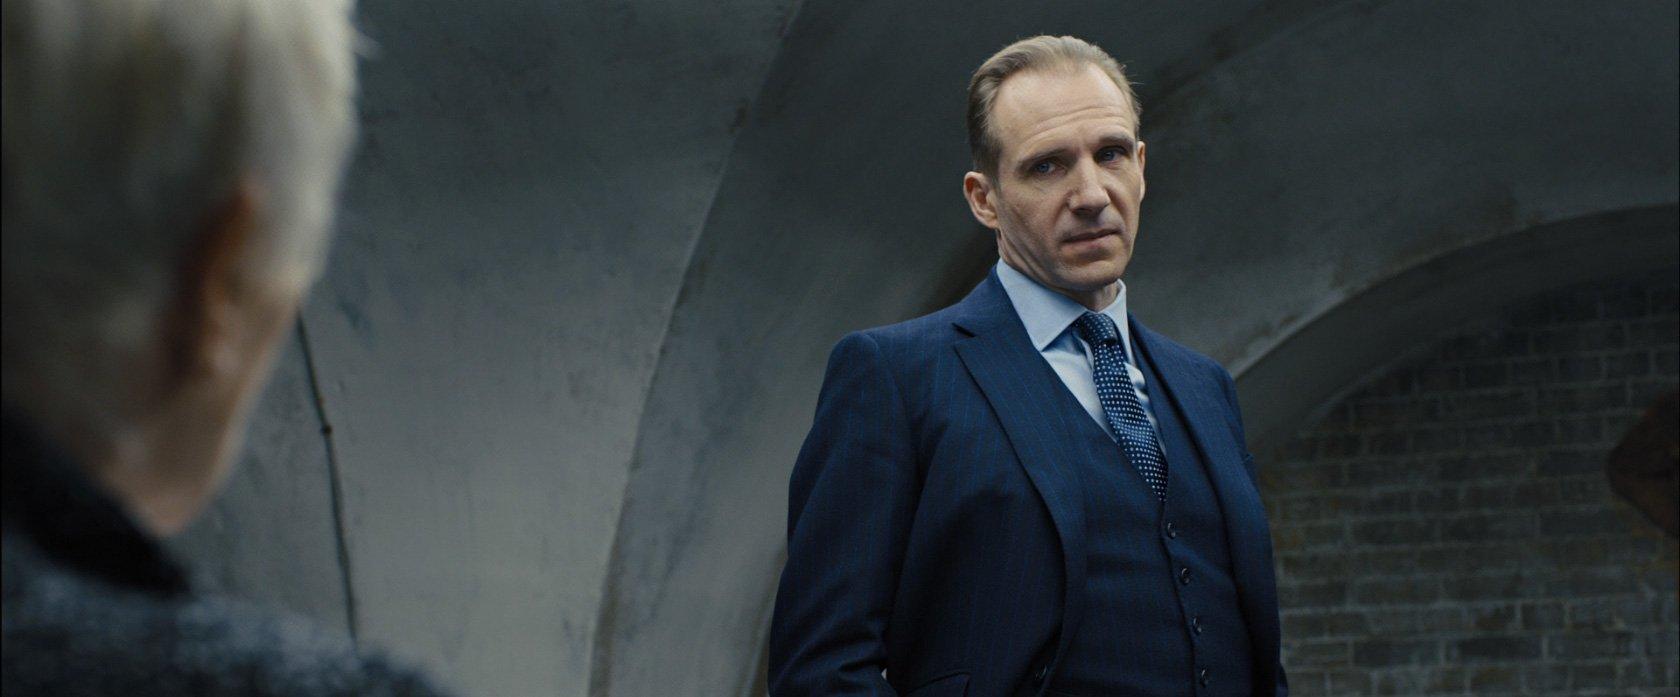 Gareth Mallory Blue Chalk Stripe Suit The Suits Of James Bond